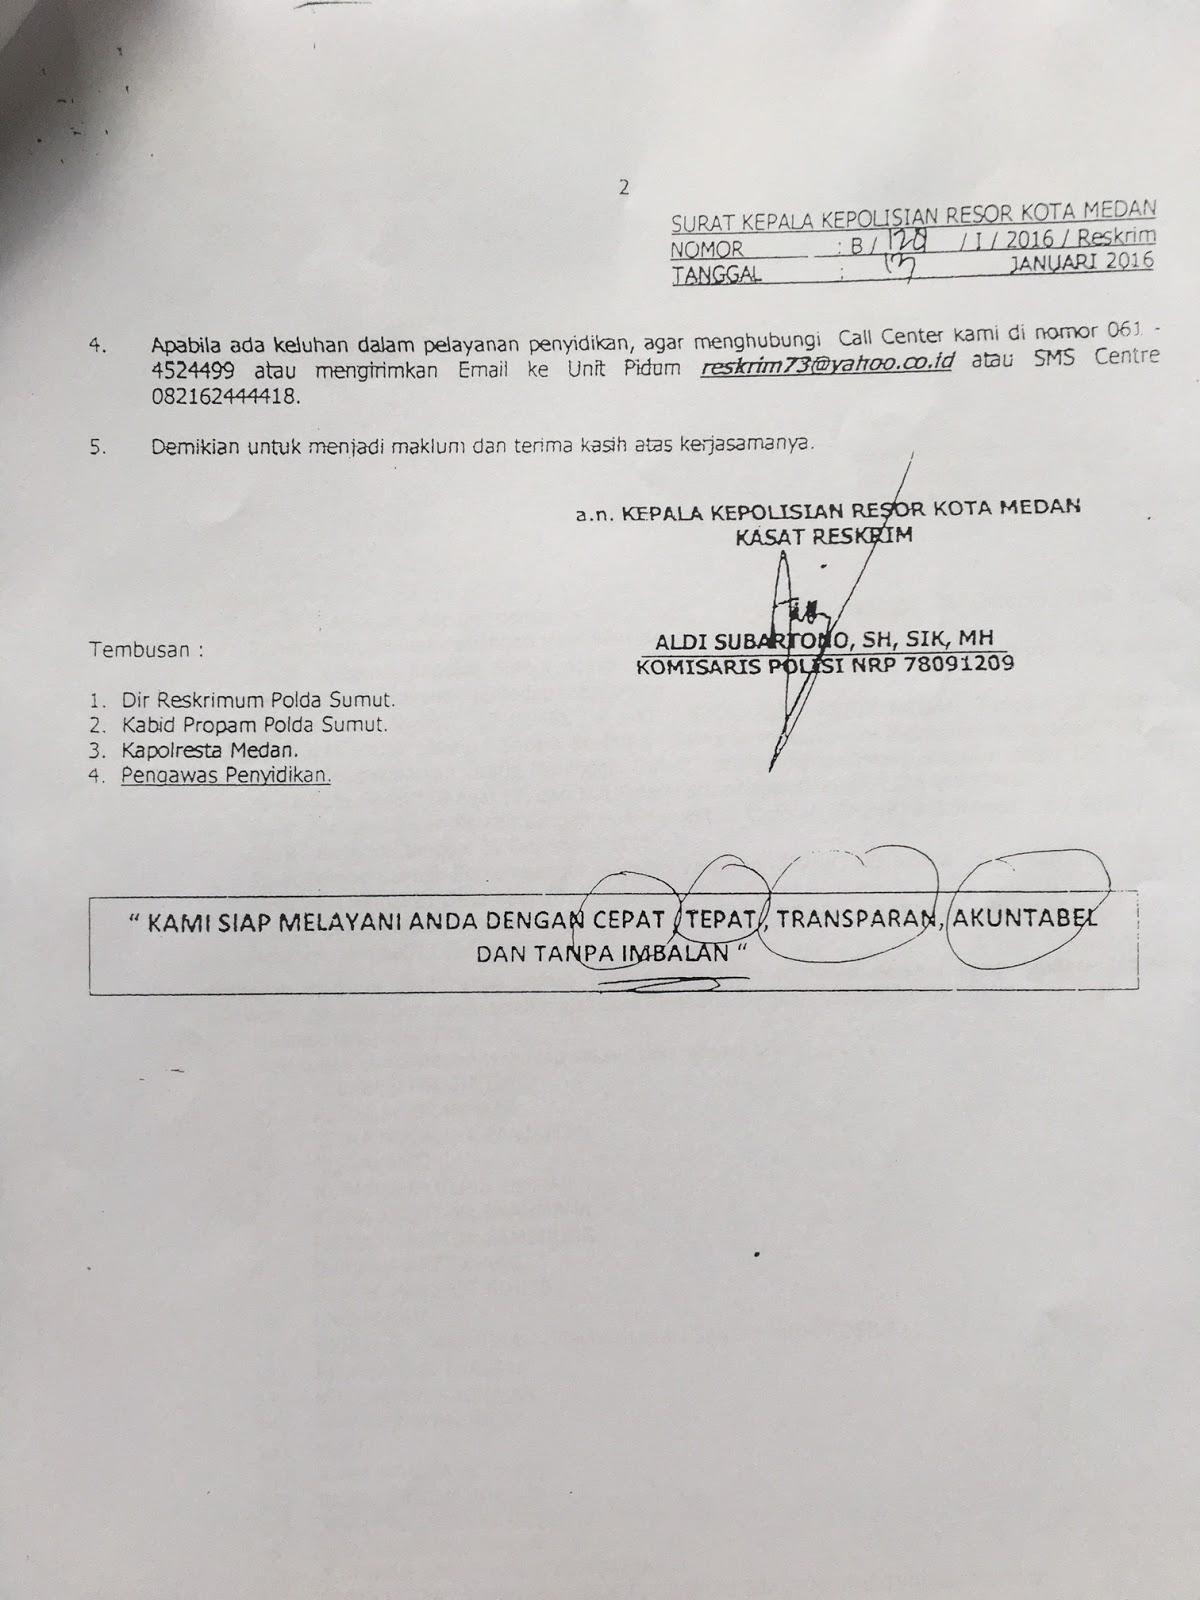 Surat Tanda Terima Laporan Polisi Pembunuhan Mantan Ketua